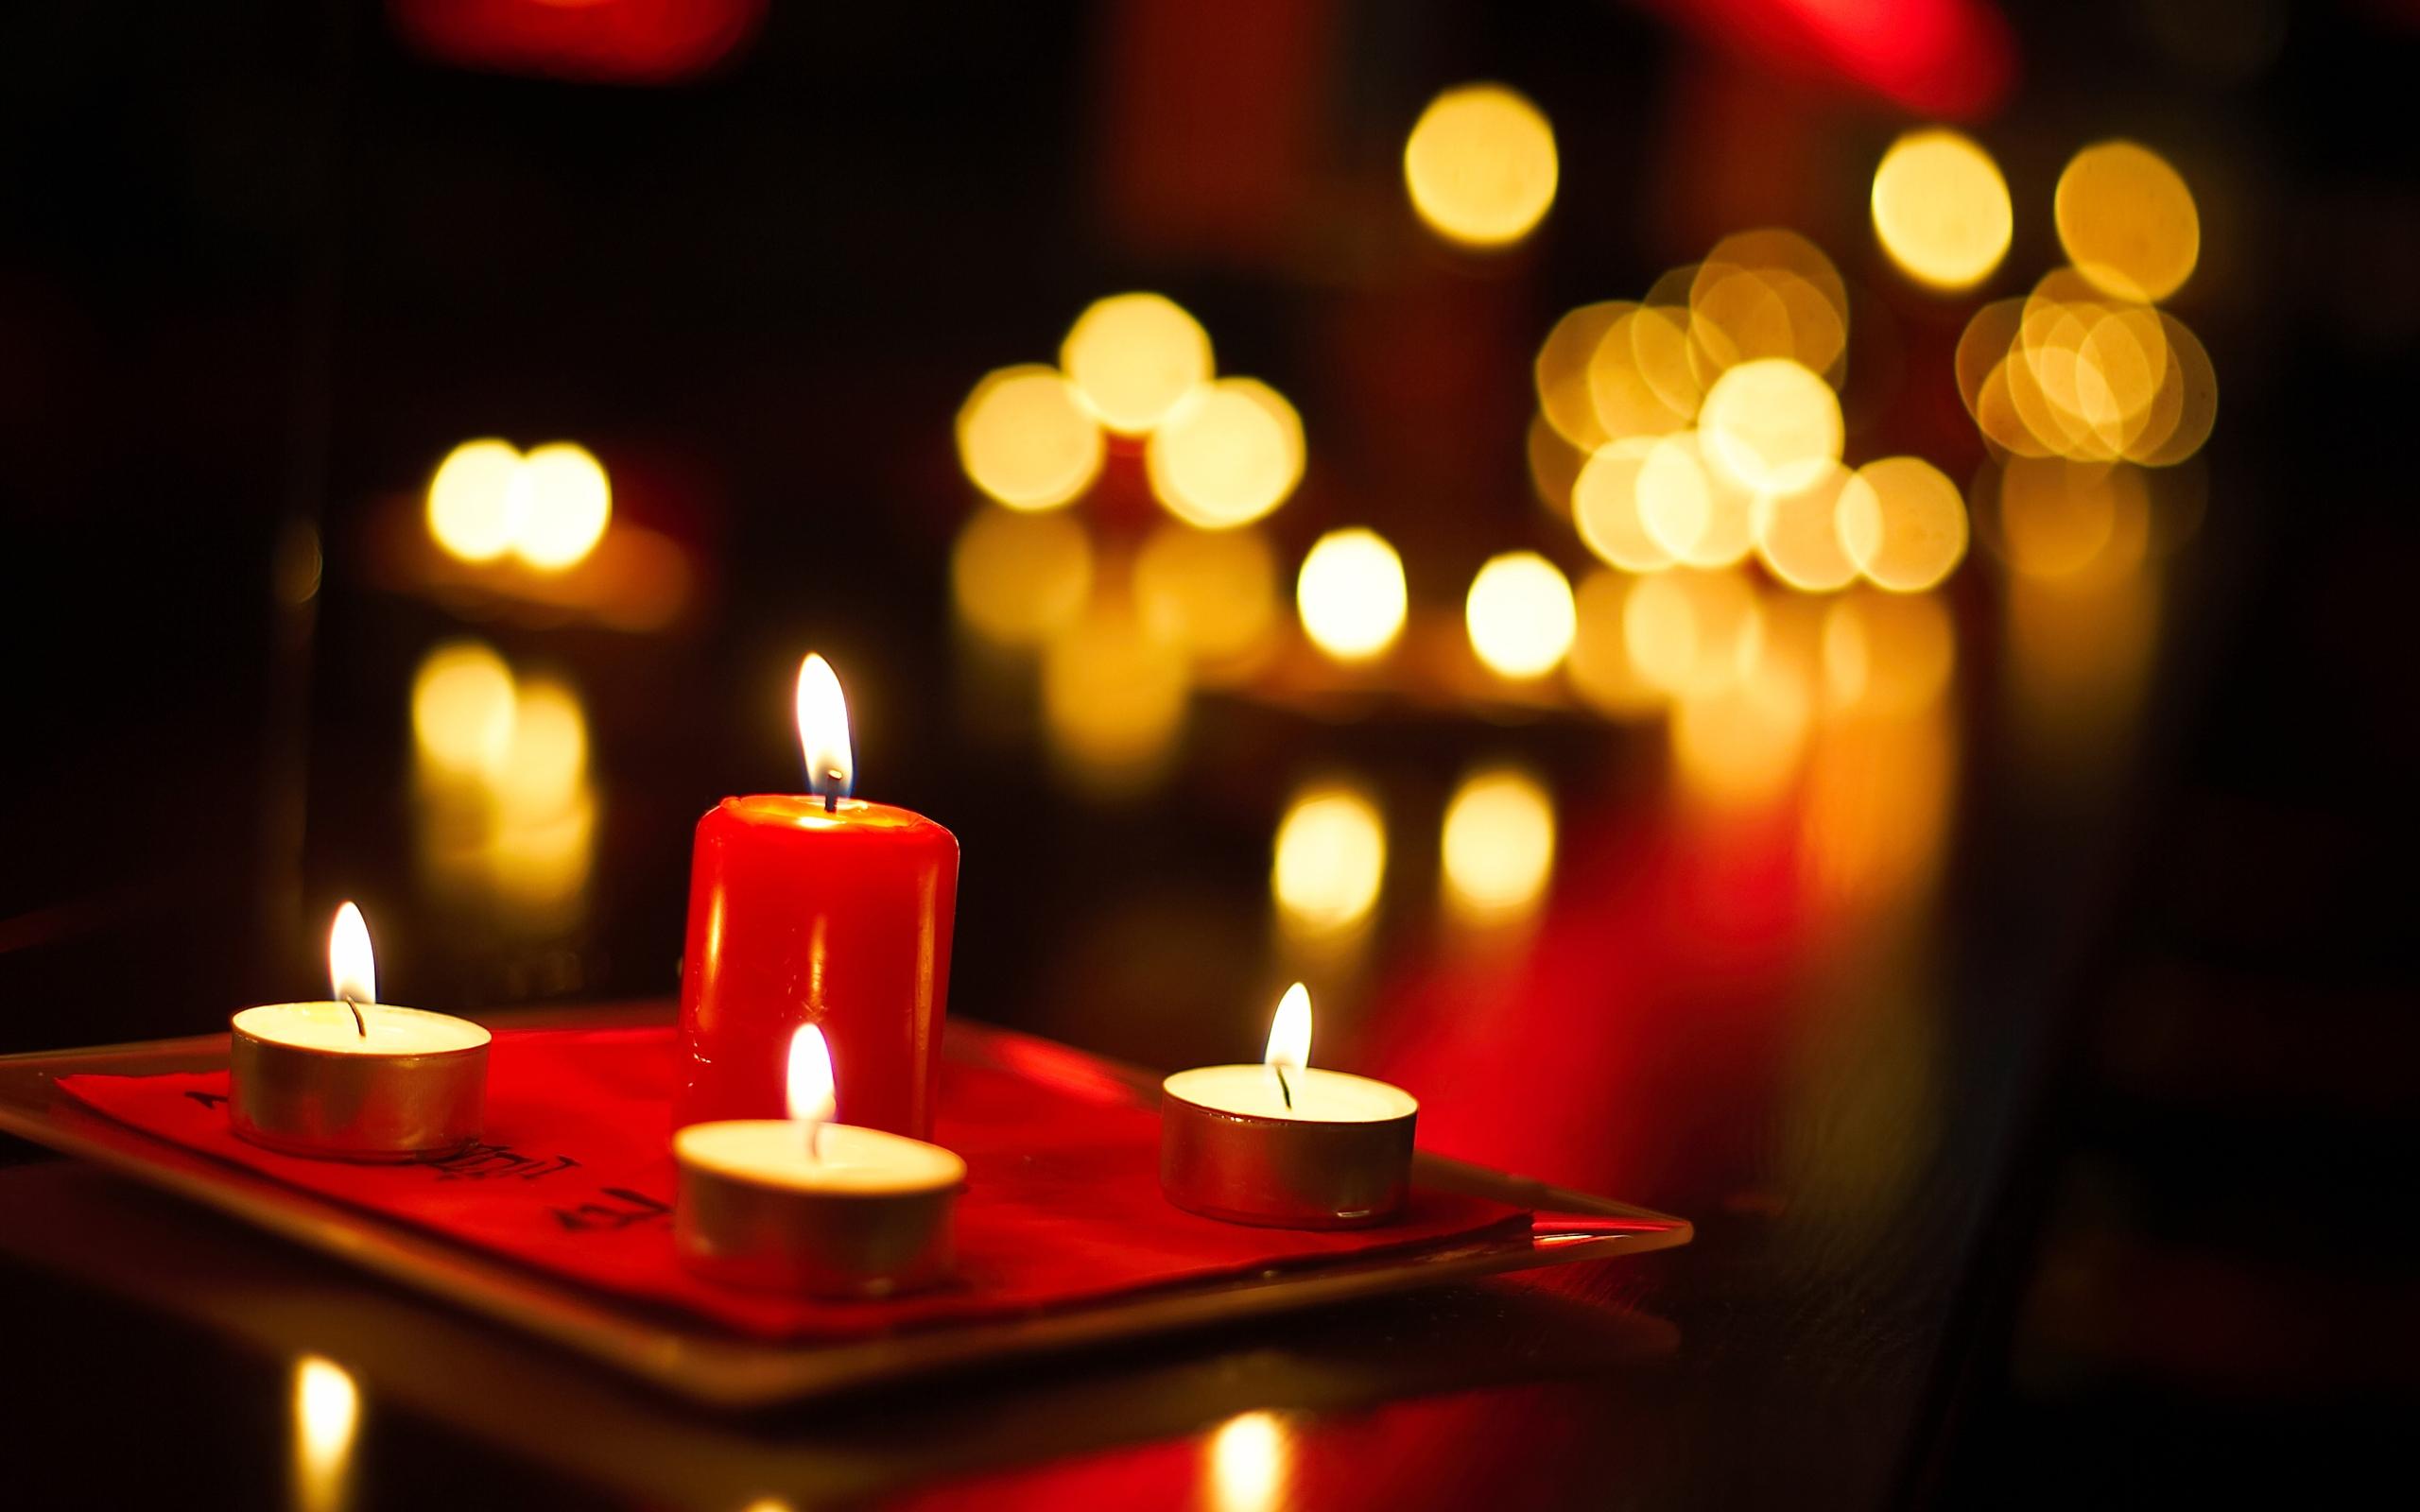 romantic-picture-12